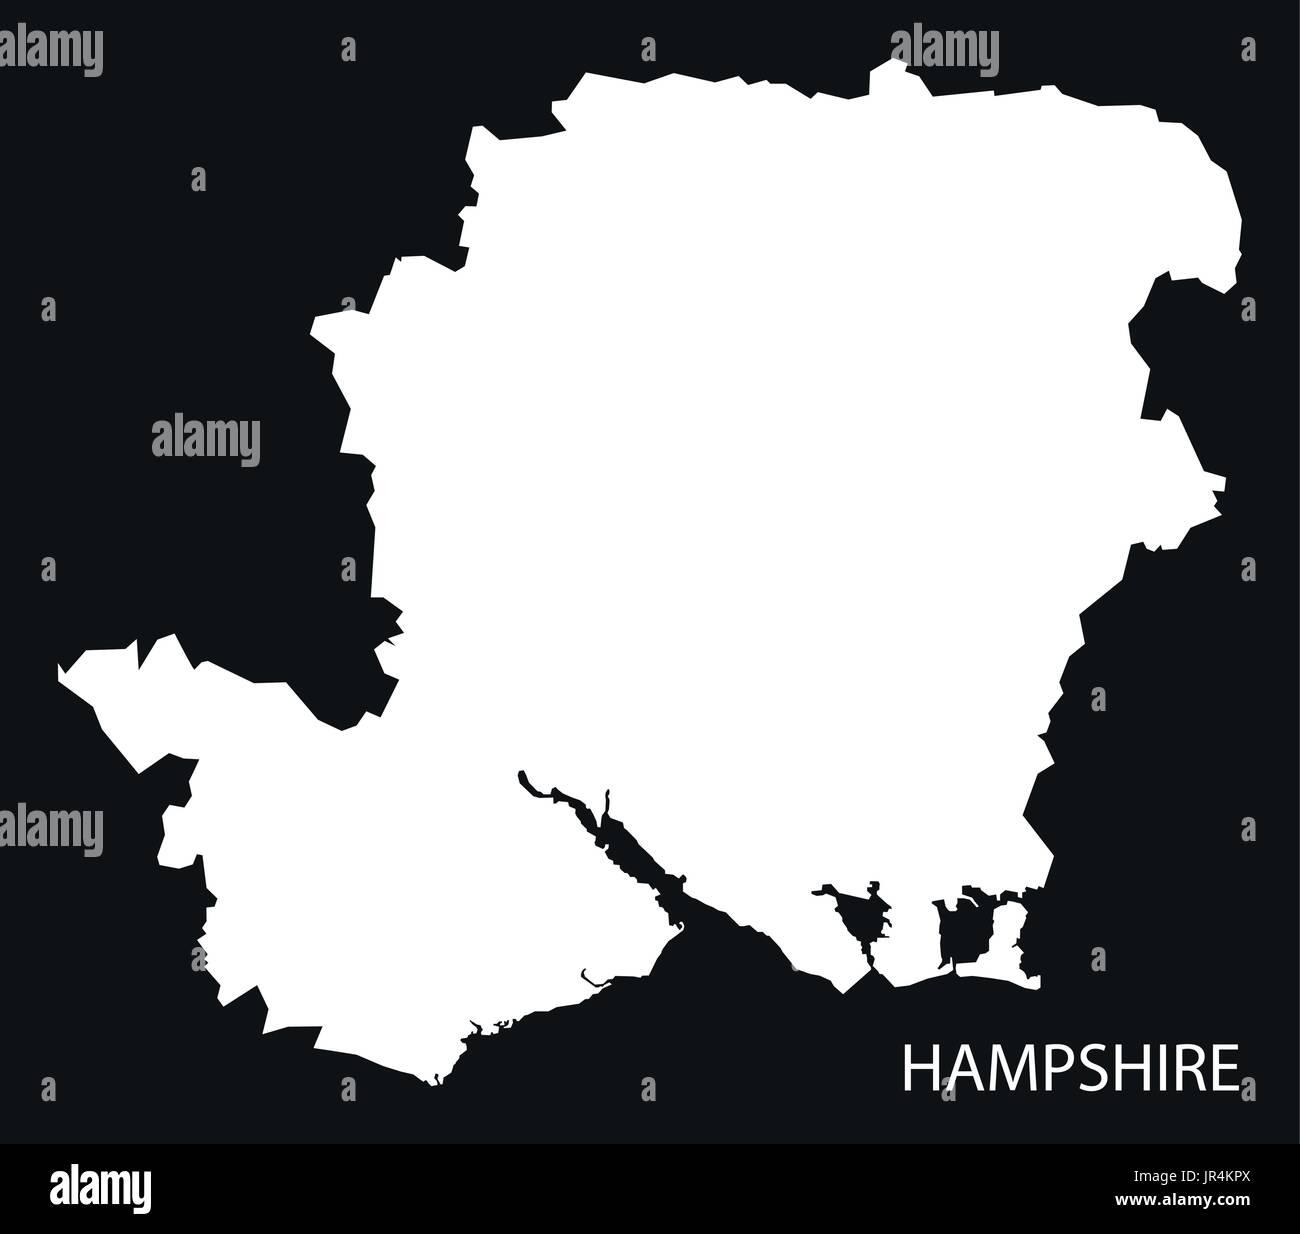 Map Of Uk Hampshire.Hampshire England Uk Map Black Inverted Silhouette Illustration